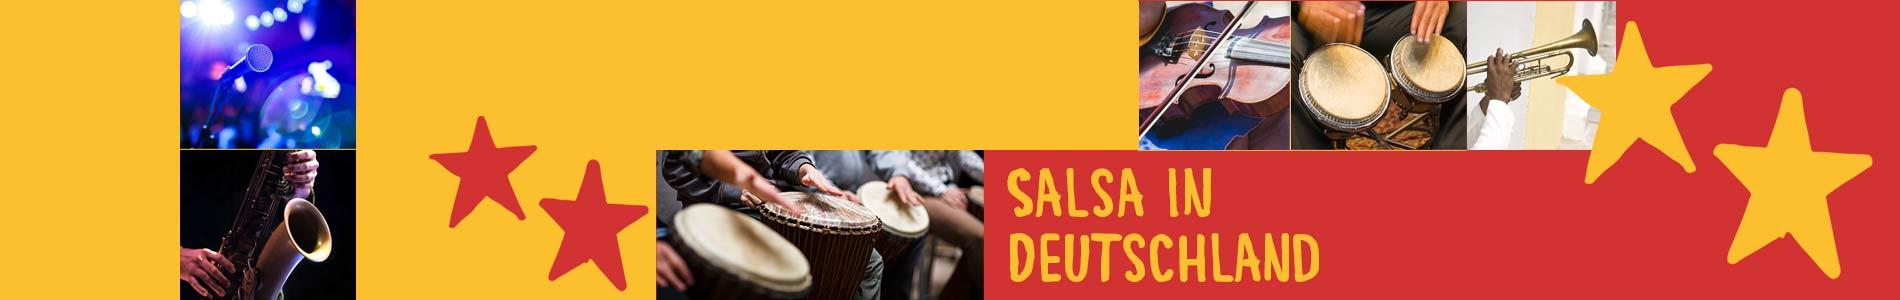 Salsa in Bubsheim – Salsa lernen und tanzen, Tanzkurse, Partys, Veranstaltungen